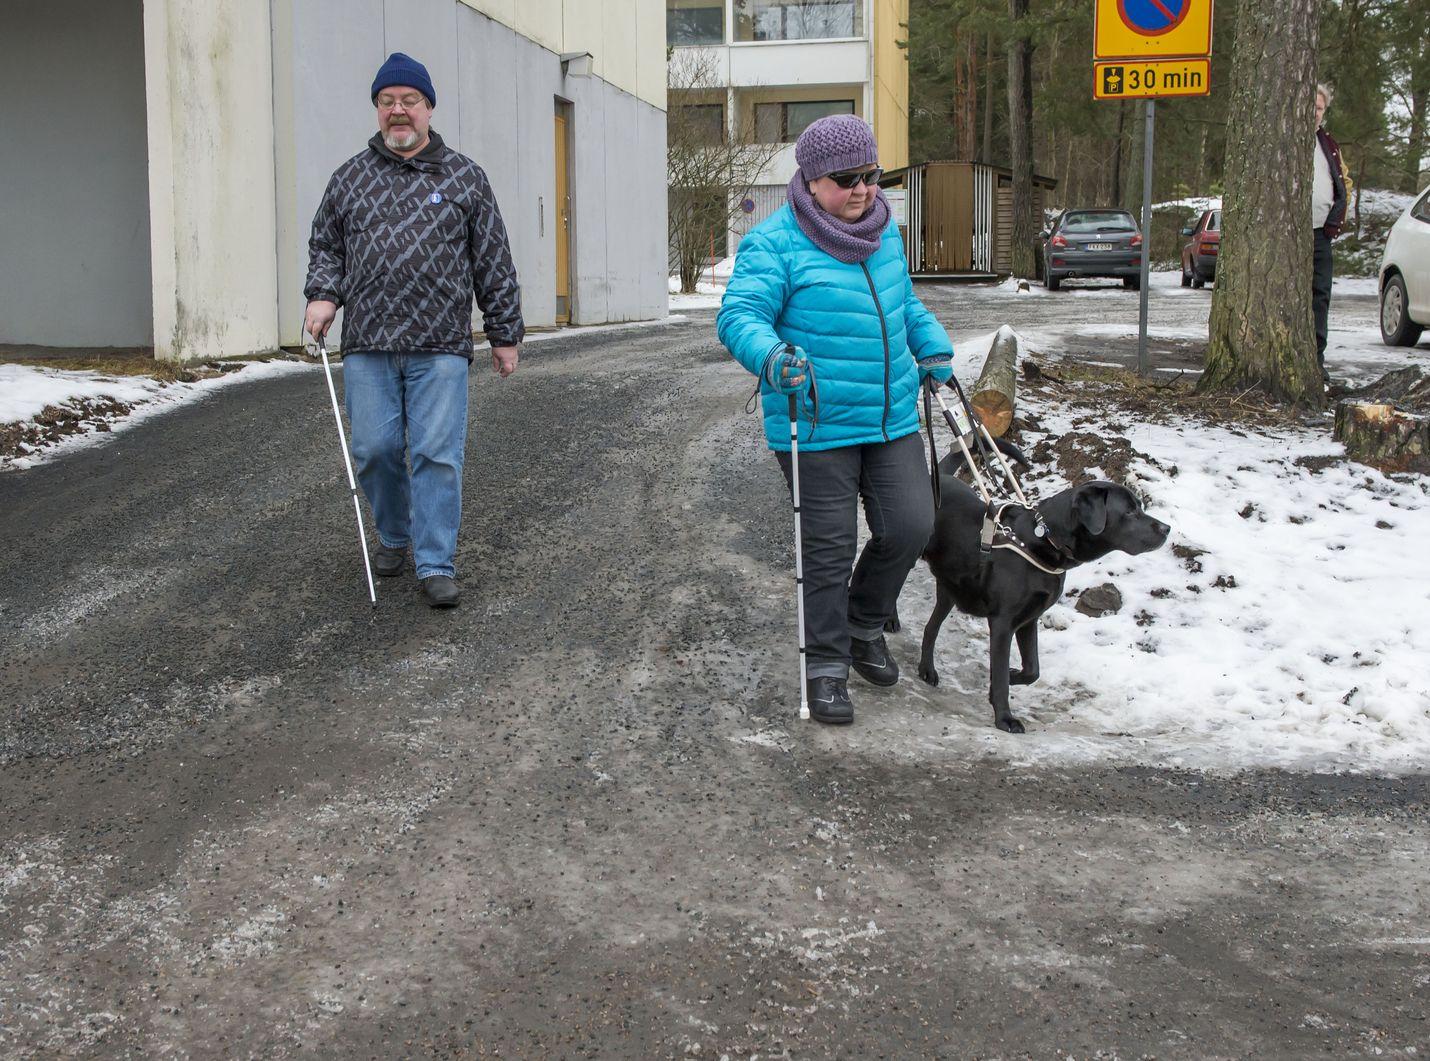 Matti Syrjälä, Katja Arvonen ja opaskoiransa Tintti liikkuvat päivittäin useita kilometrejä. Näkövammaiselle pariskunnalle talven liukkaus ja lumipenkat aiheuttavat omat vaikeutensa.